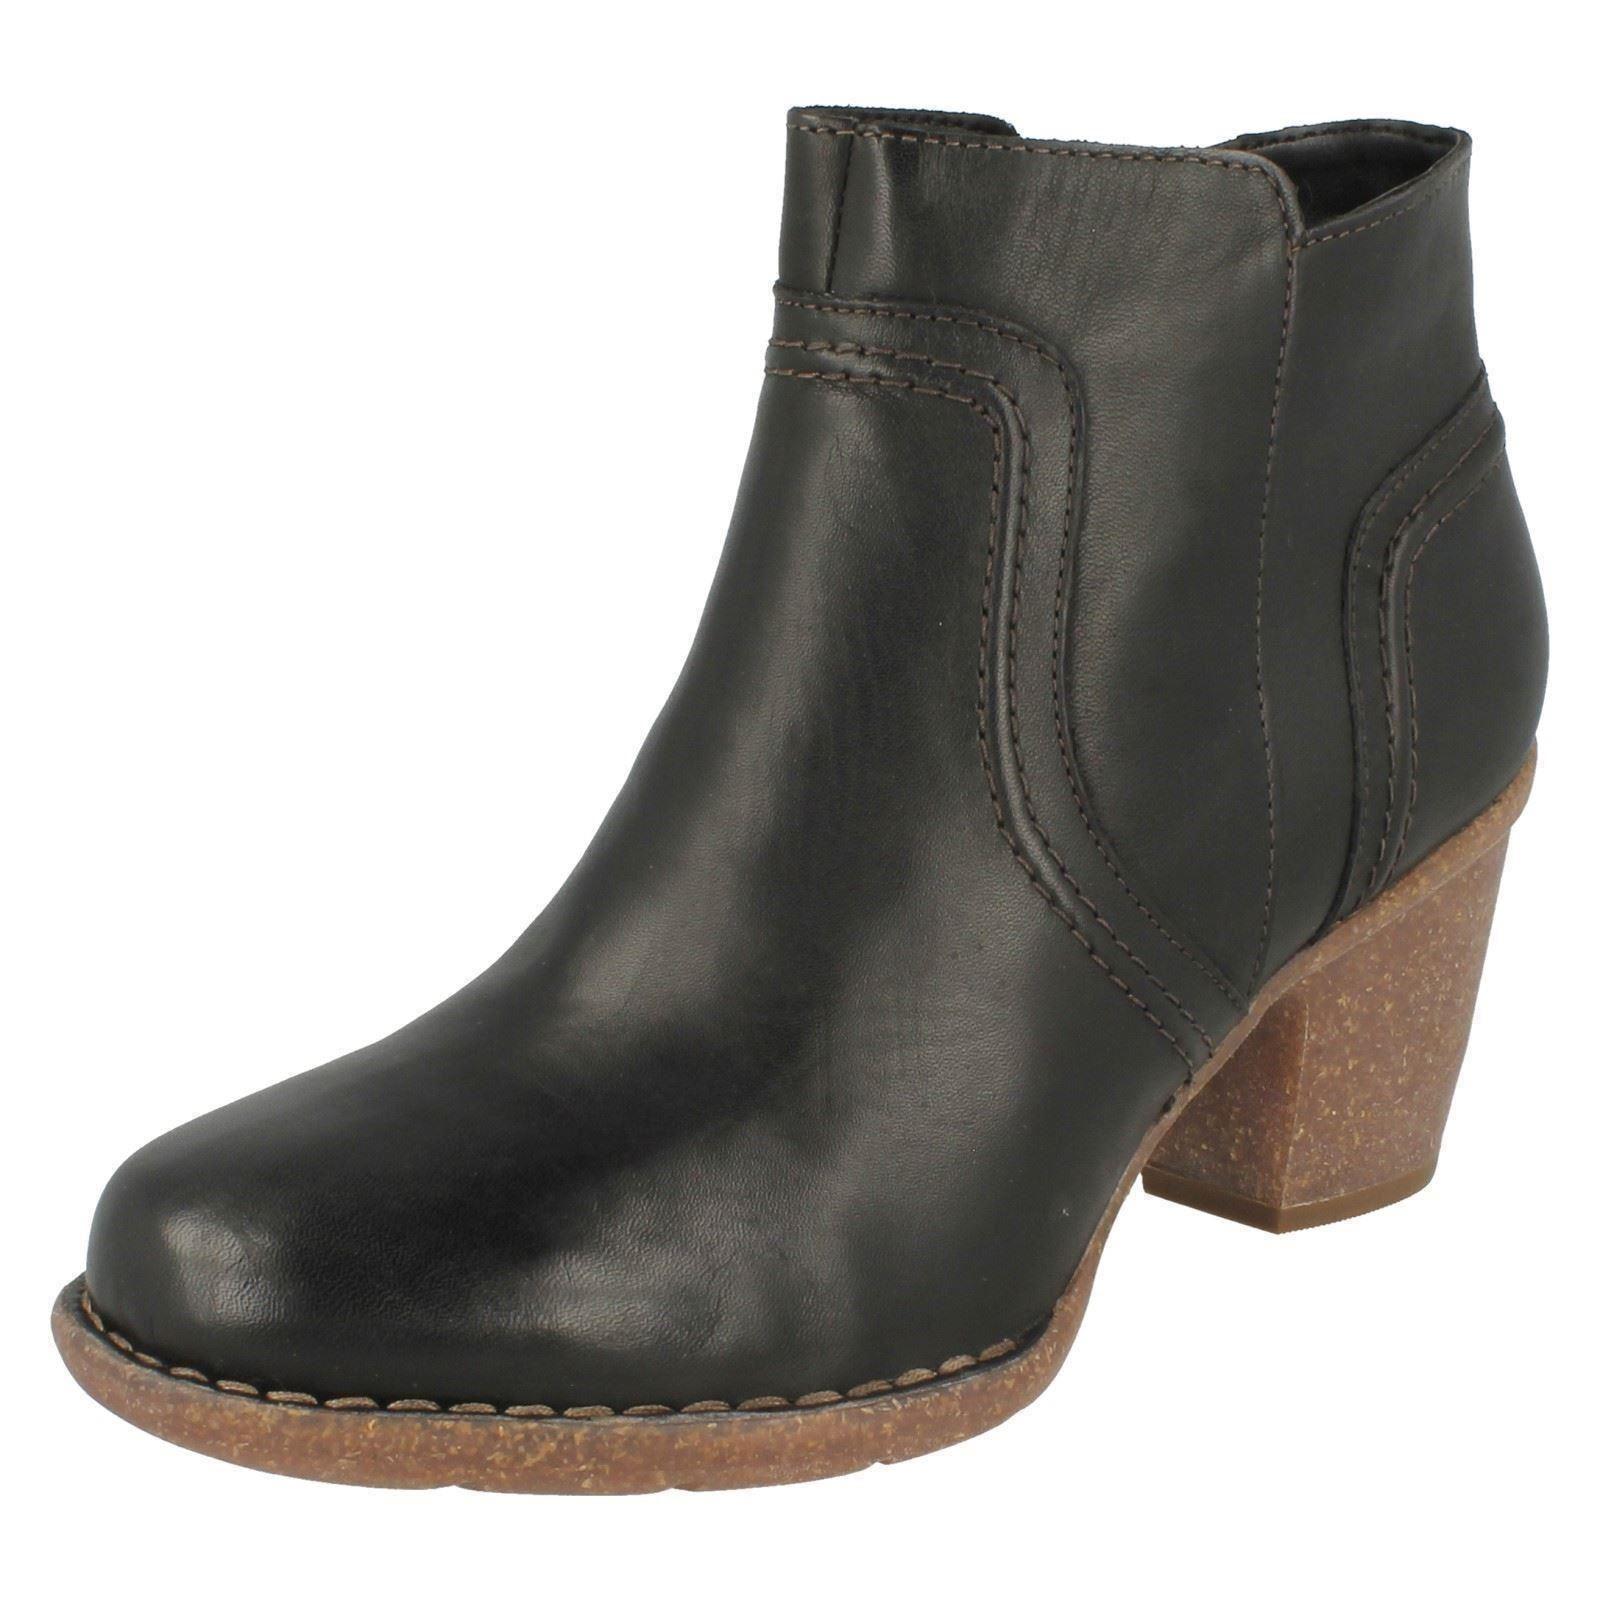 Clarks carleta París para mujer D Cuero Negro Botas al tobillo con cremallera taco de bloque